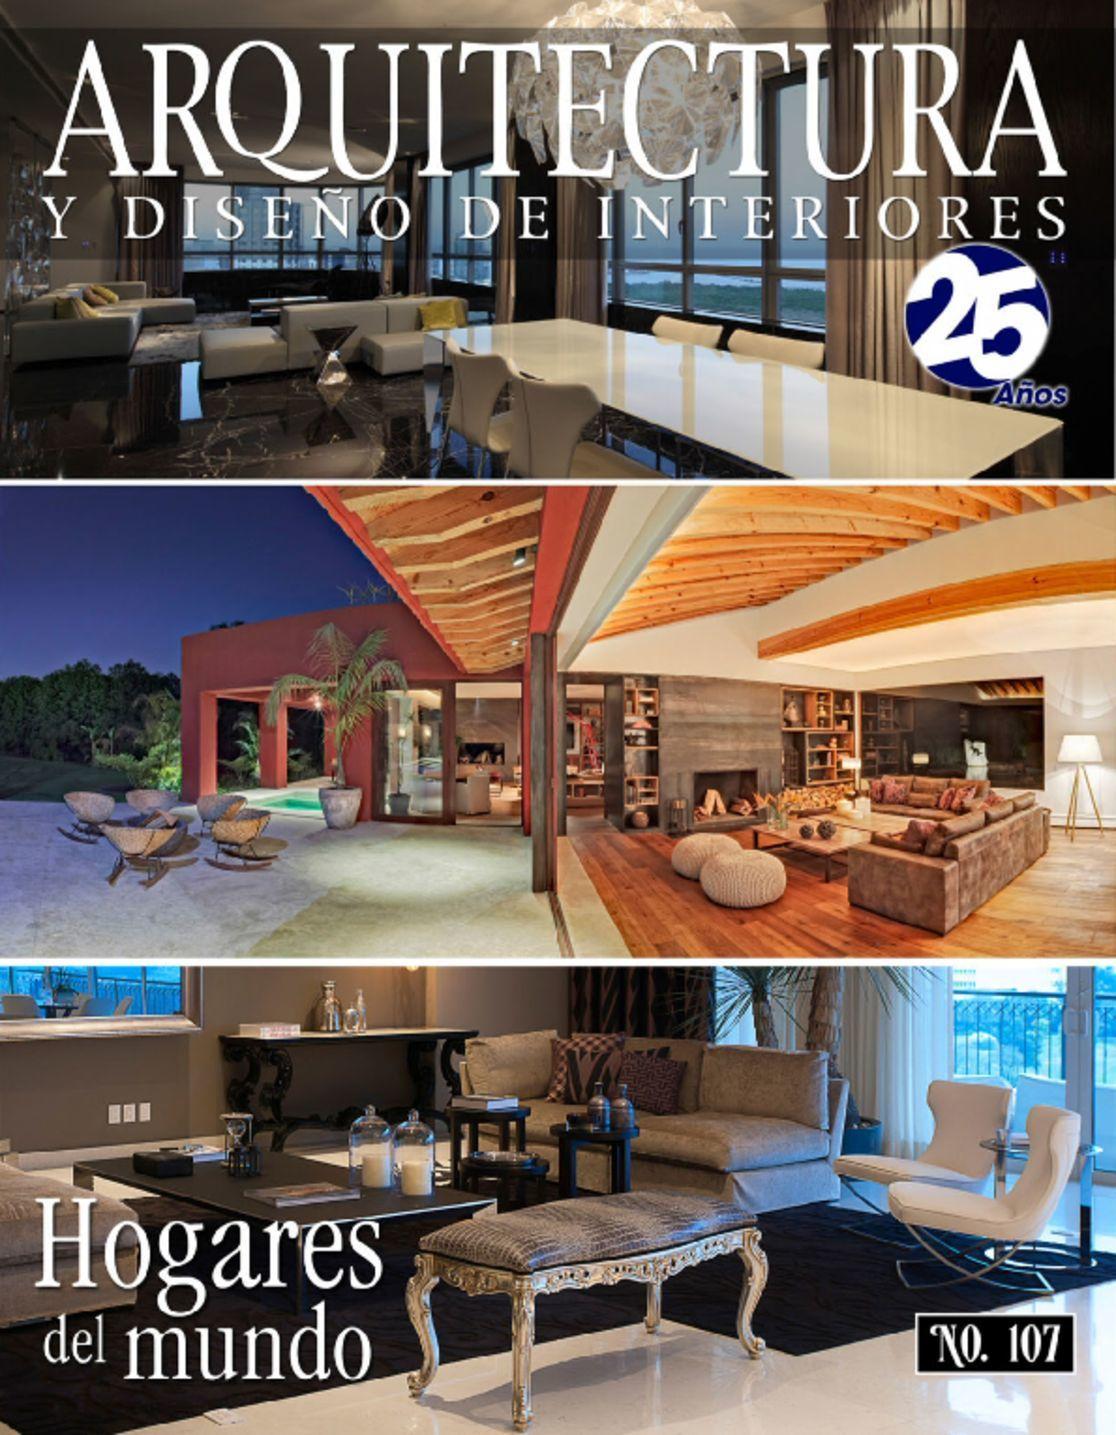 Arquitectura y dise o de interiores digital magazine for Arquitectura de interiores